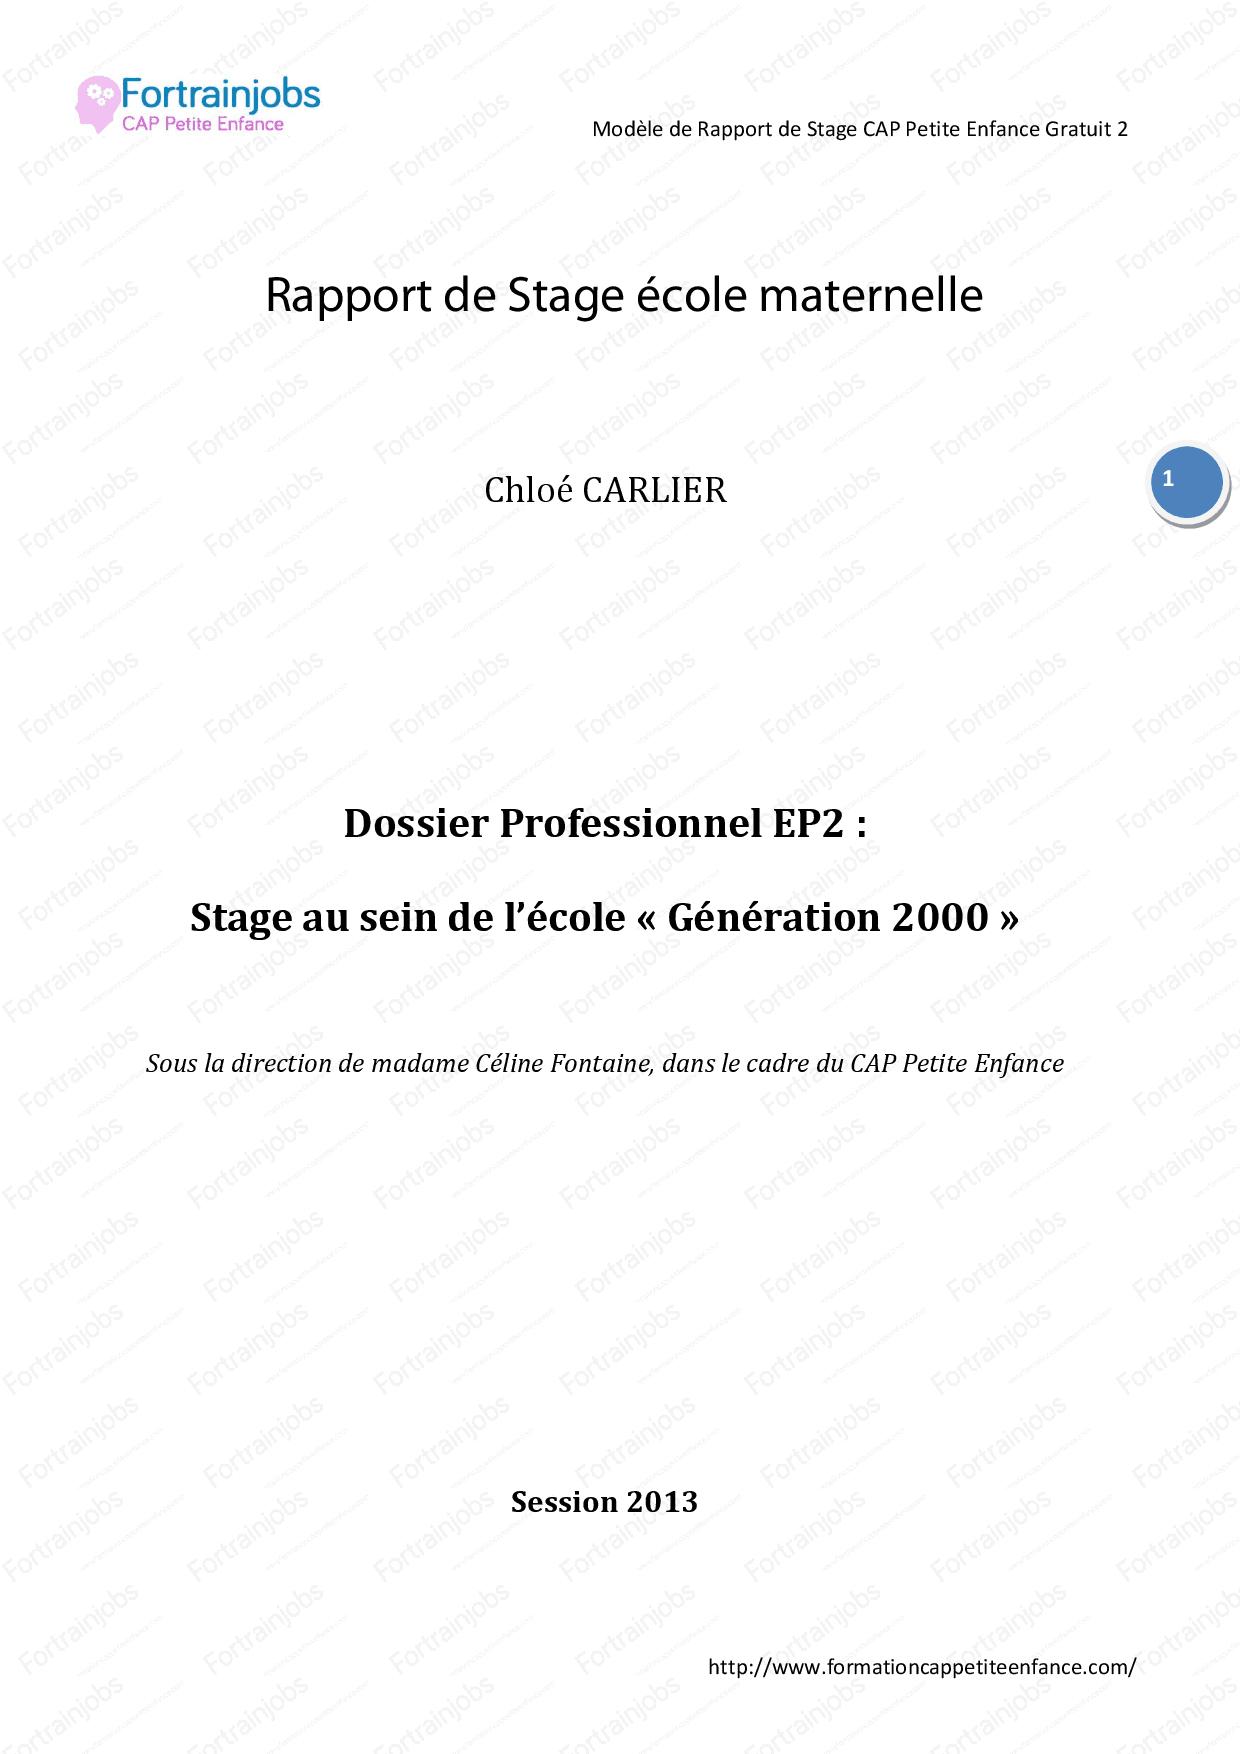 Rapport De Stage École Maternelle - Docsity tout Programme Grande Section Maternelle Gratuit